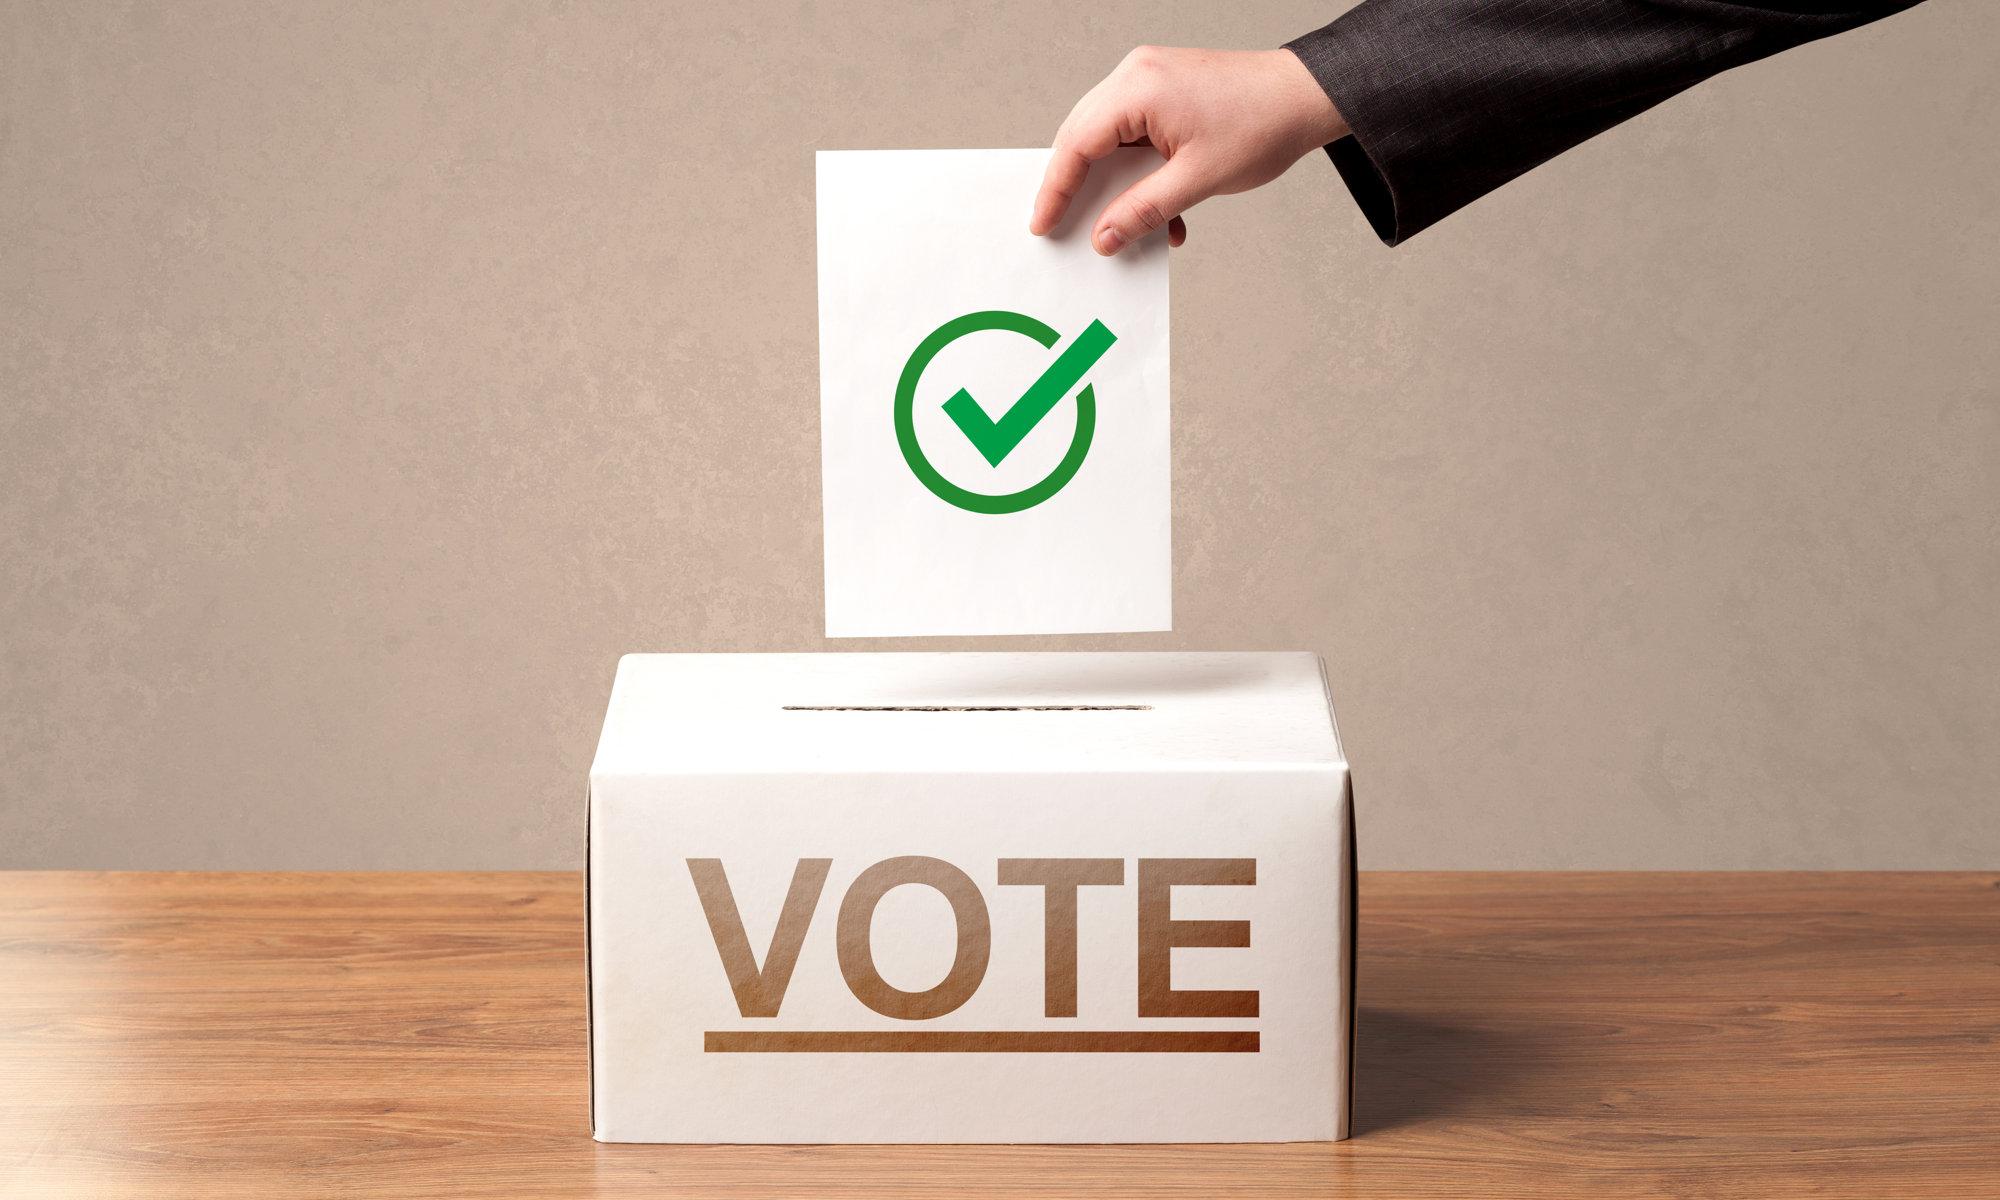 É preciso votar para mudar!